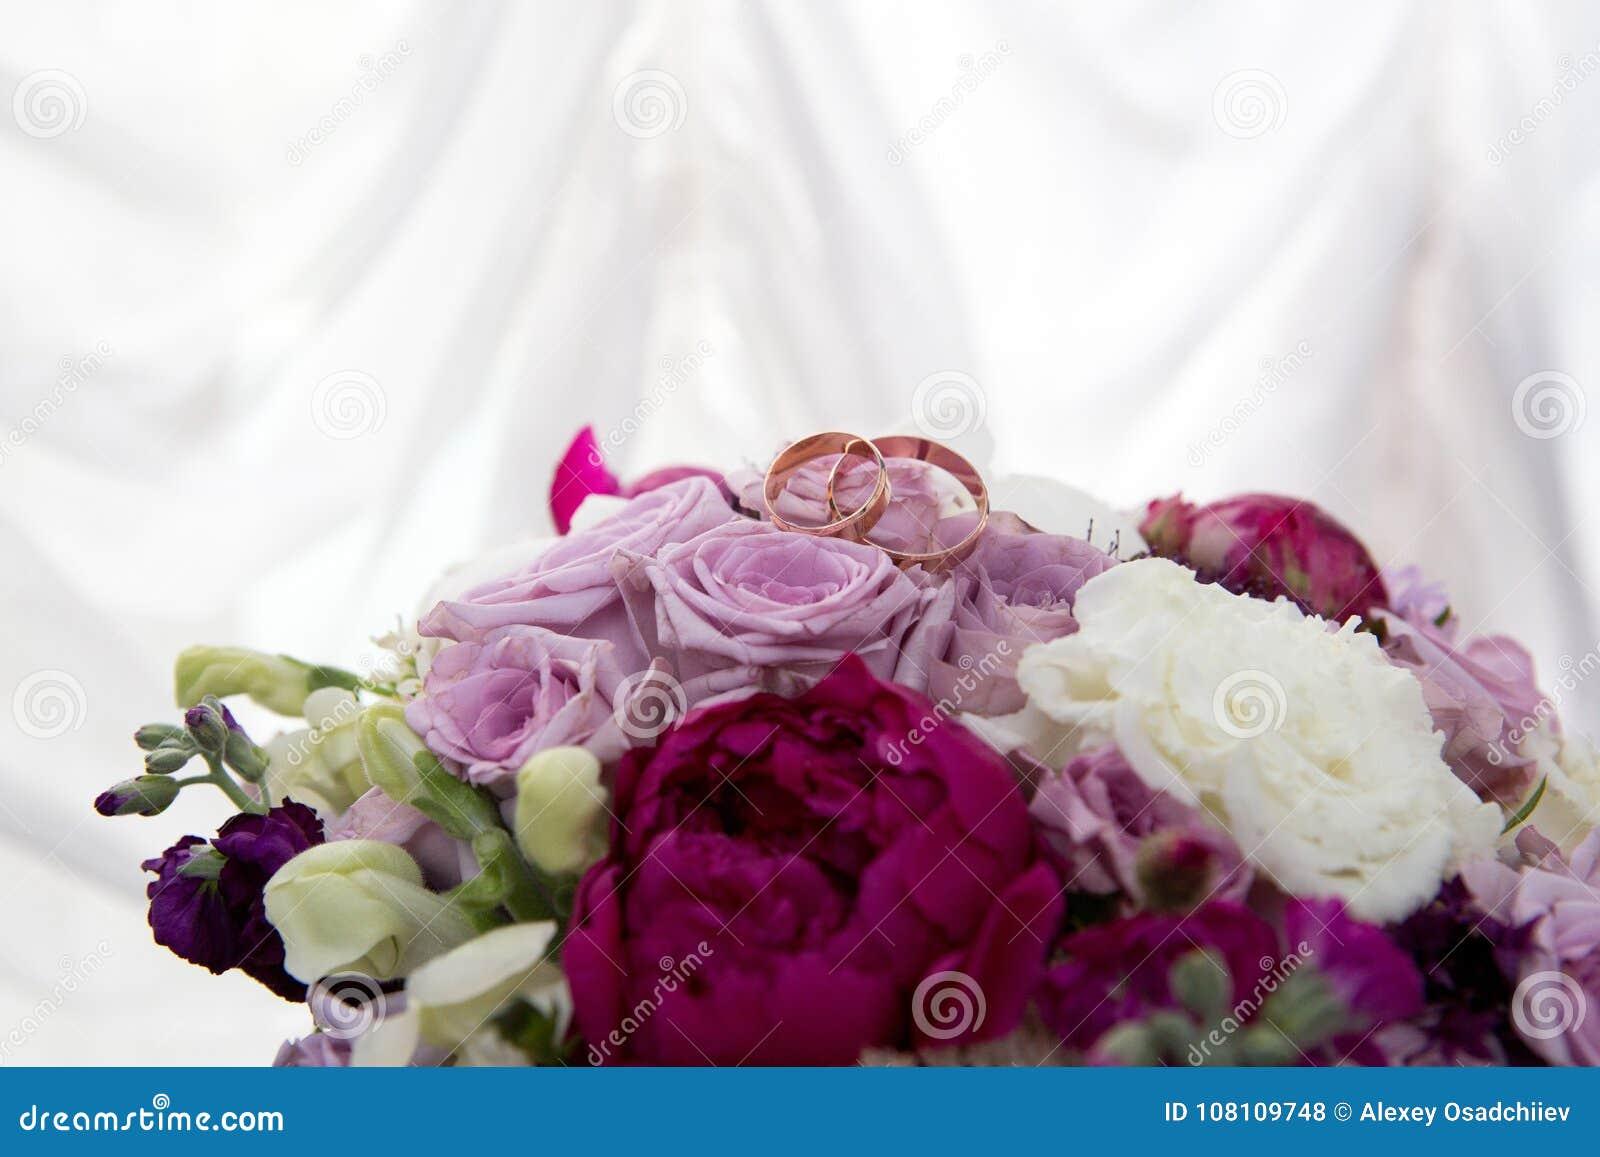 Big flower bouquet stock photo image of happy divorce 108109748 big flower bouquet izmirmasajfo